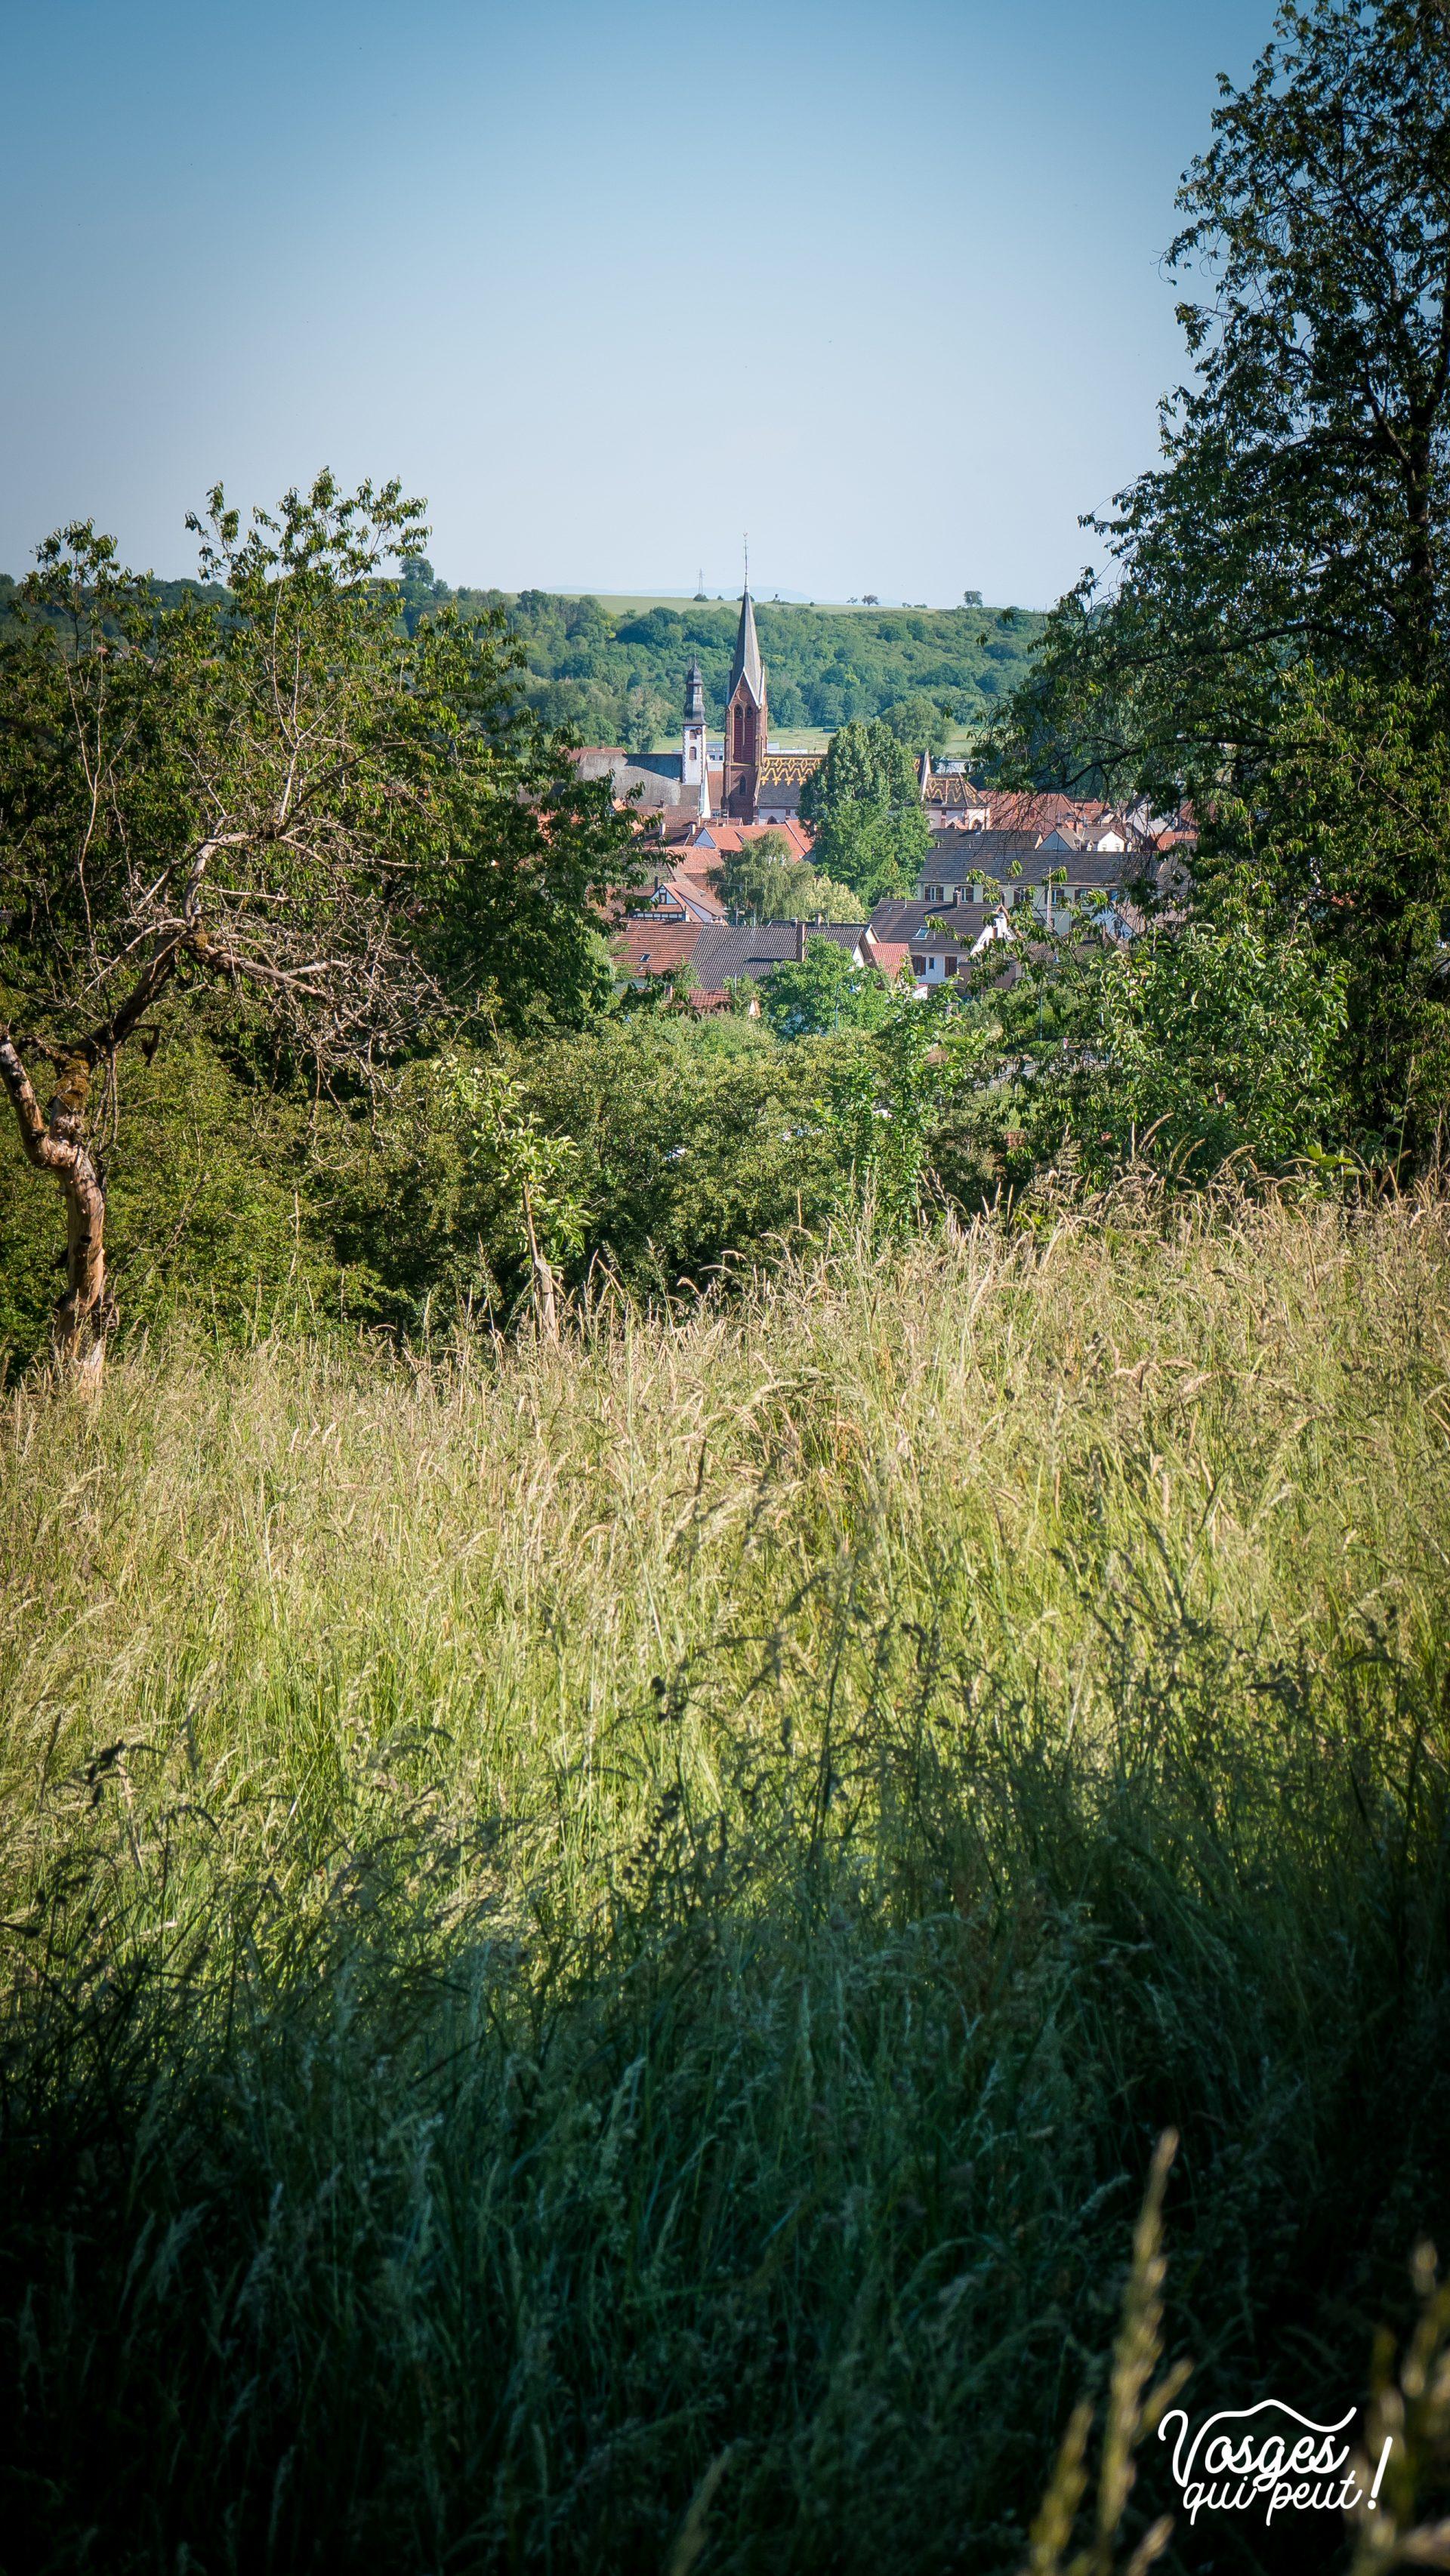 Vue sur le village de Wœrth en Alsace depuis un champ en hauteur